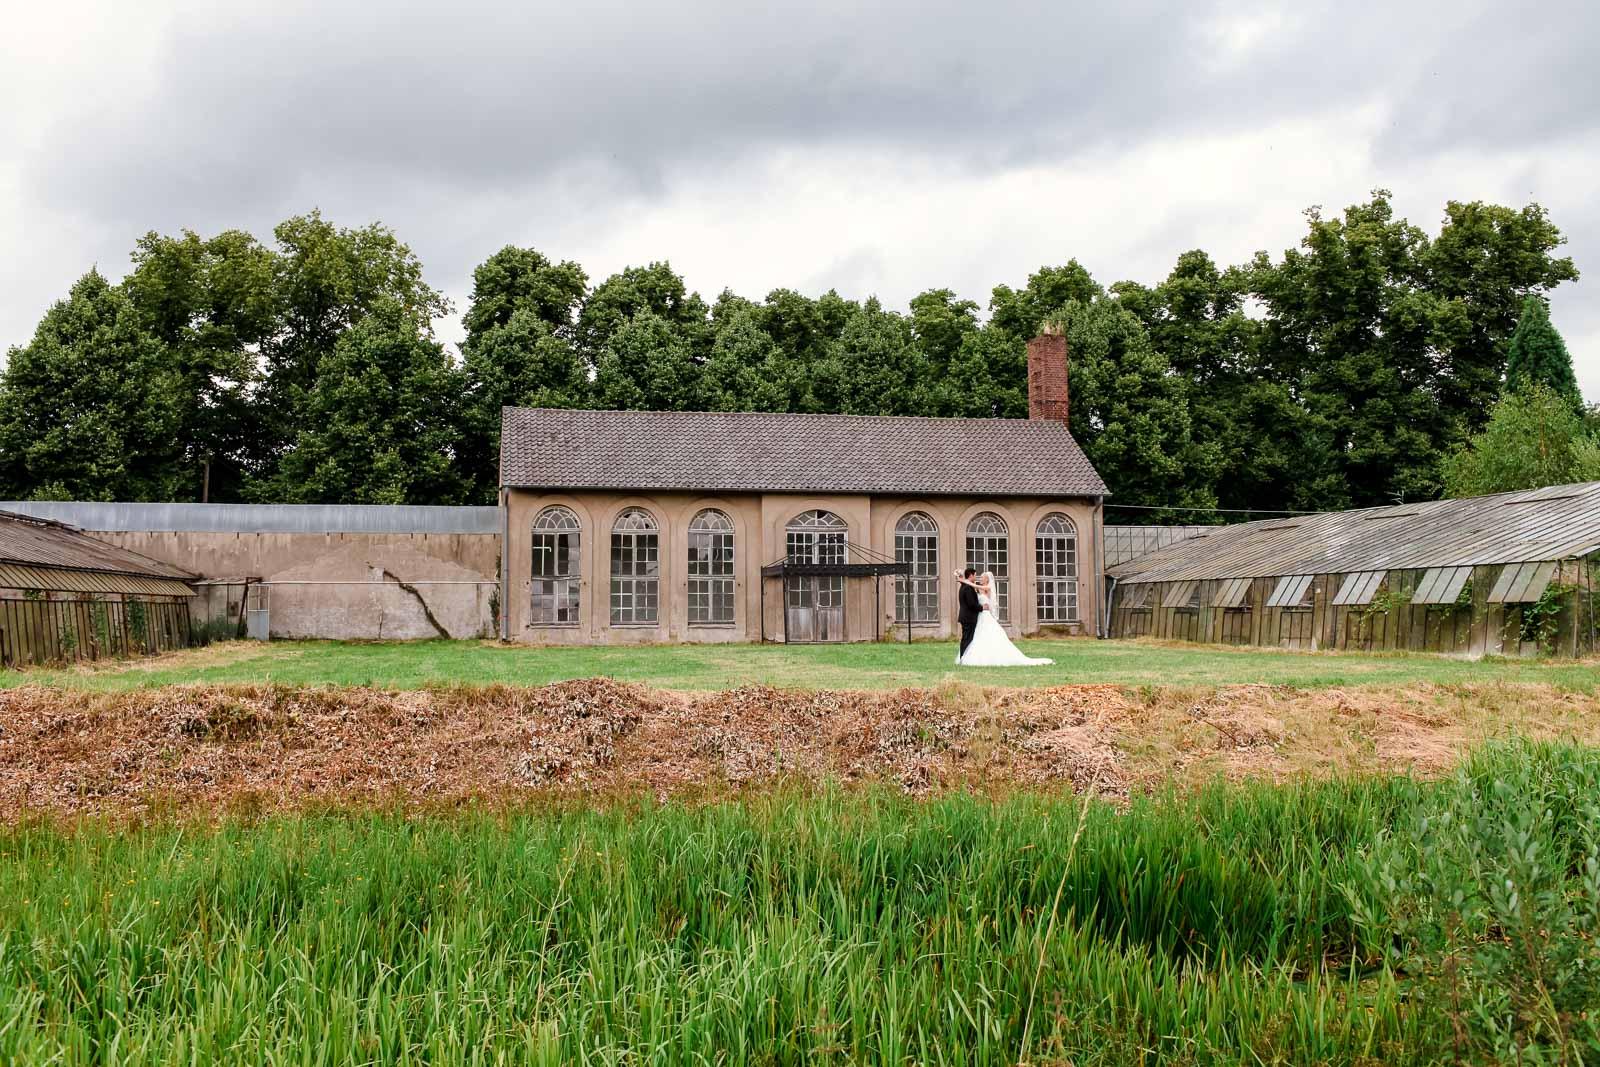 Hochzeitsfotograf Wesel - Schloss Diersfordt_069.jpg